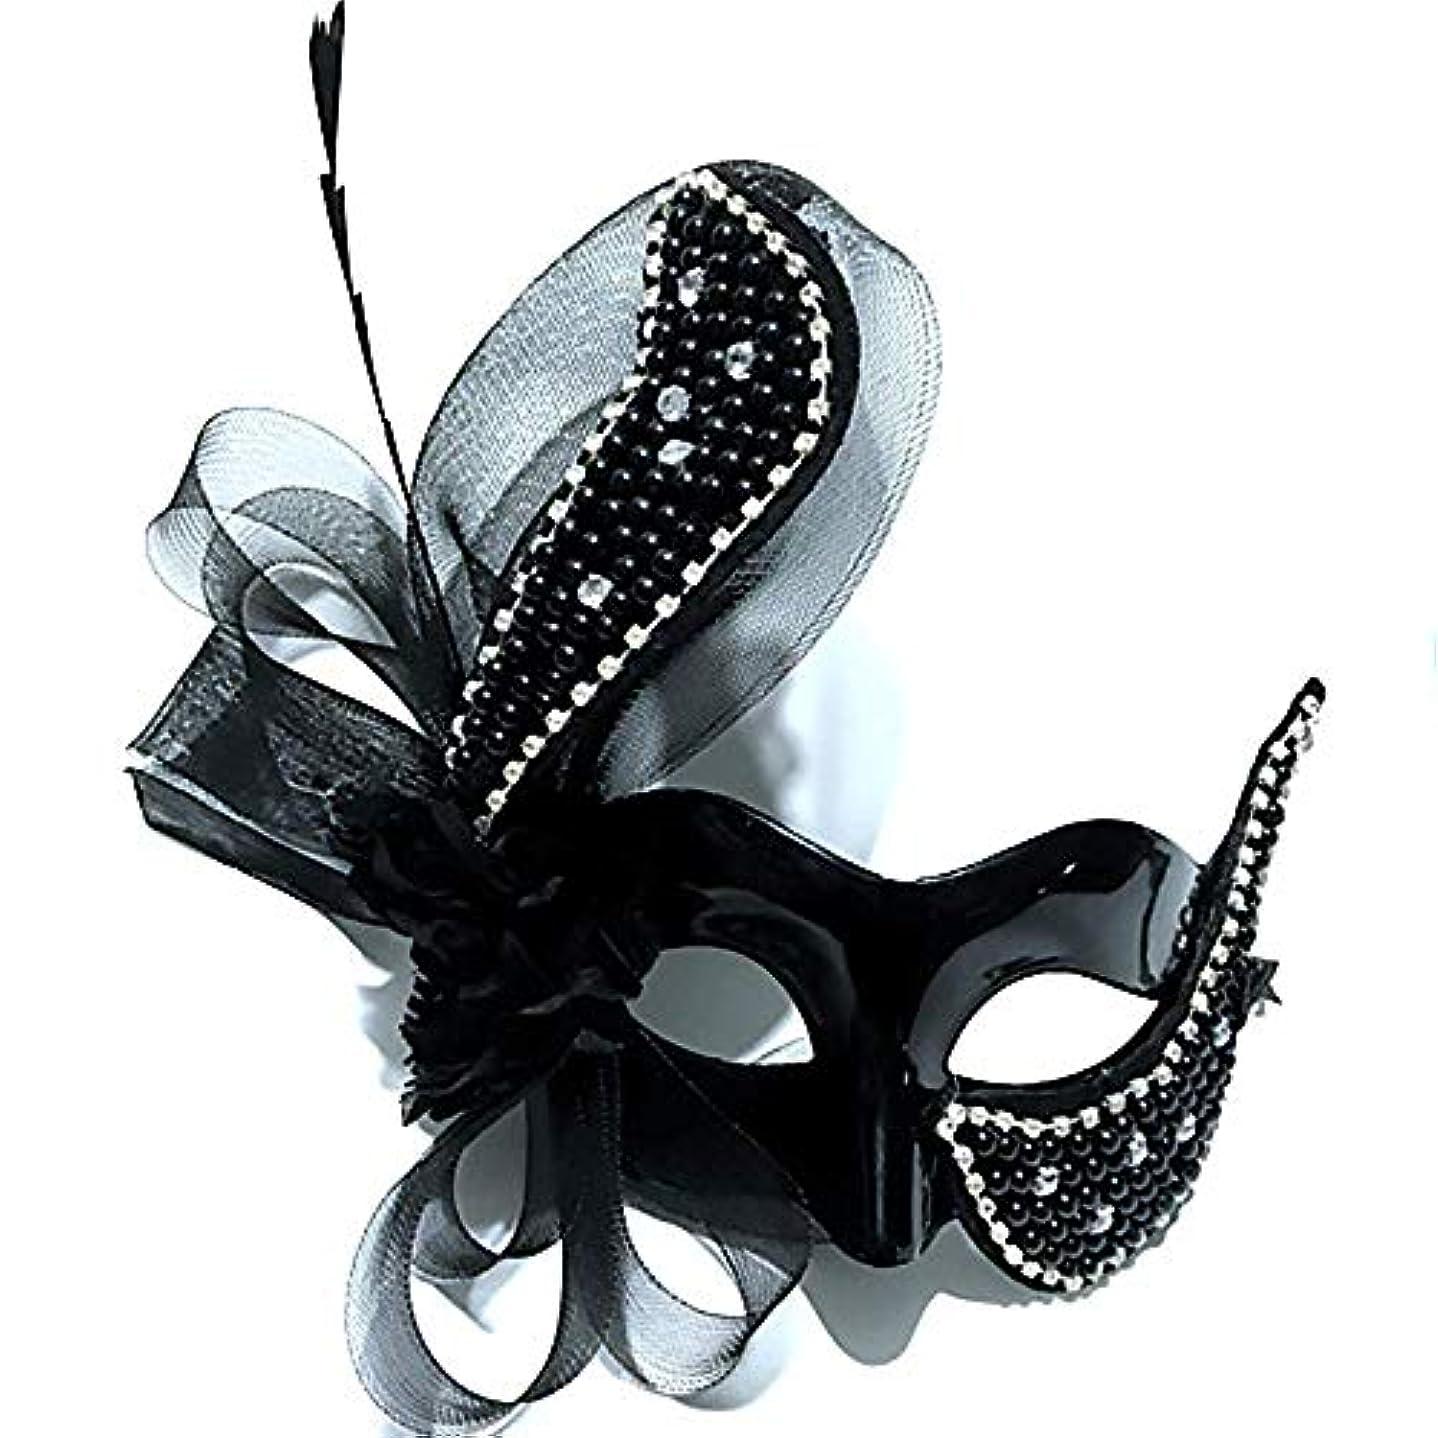 寄託禁輸コックNanle ハロウィーンヴィンテージフェザーラインストーンマスク仮装マスクレディミスプリンセス美容祭パーティー装飾マスク